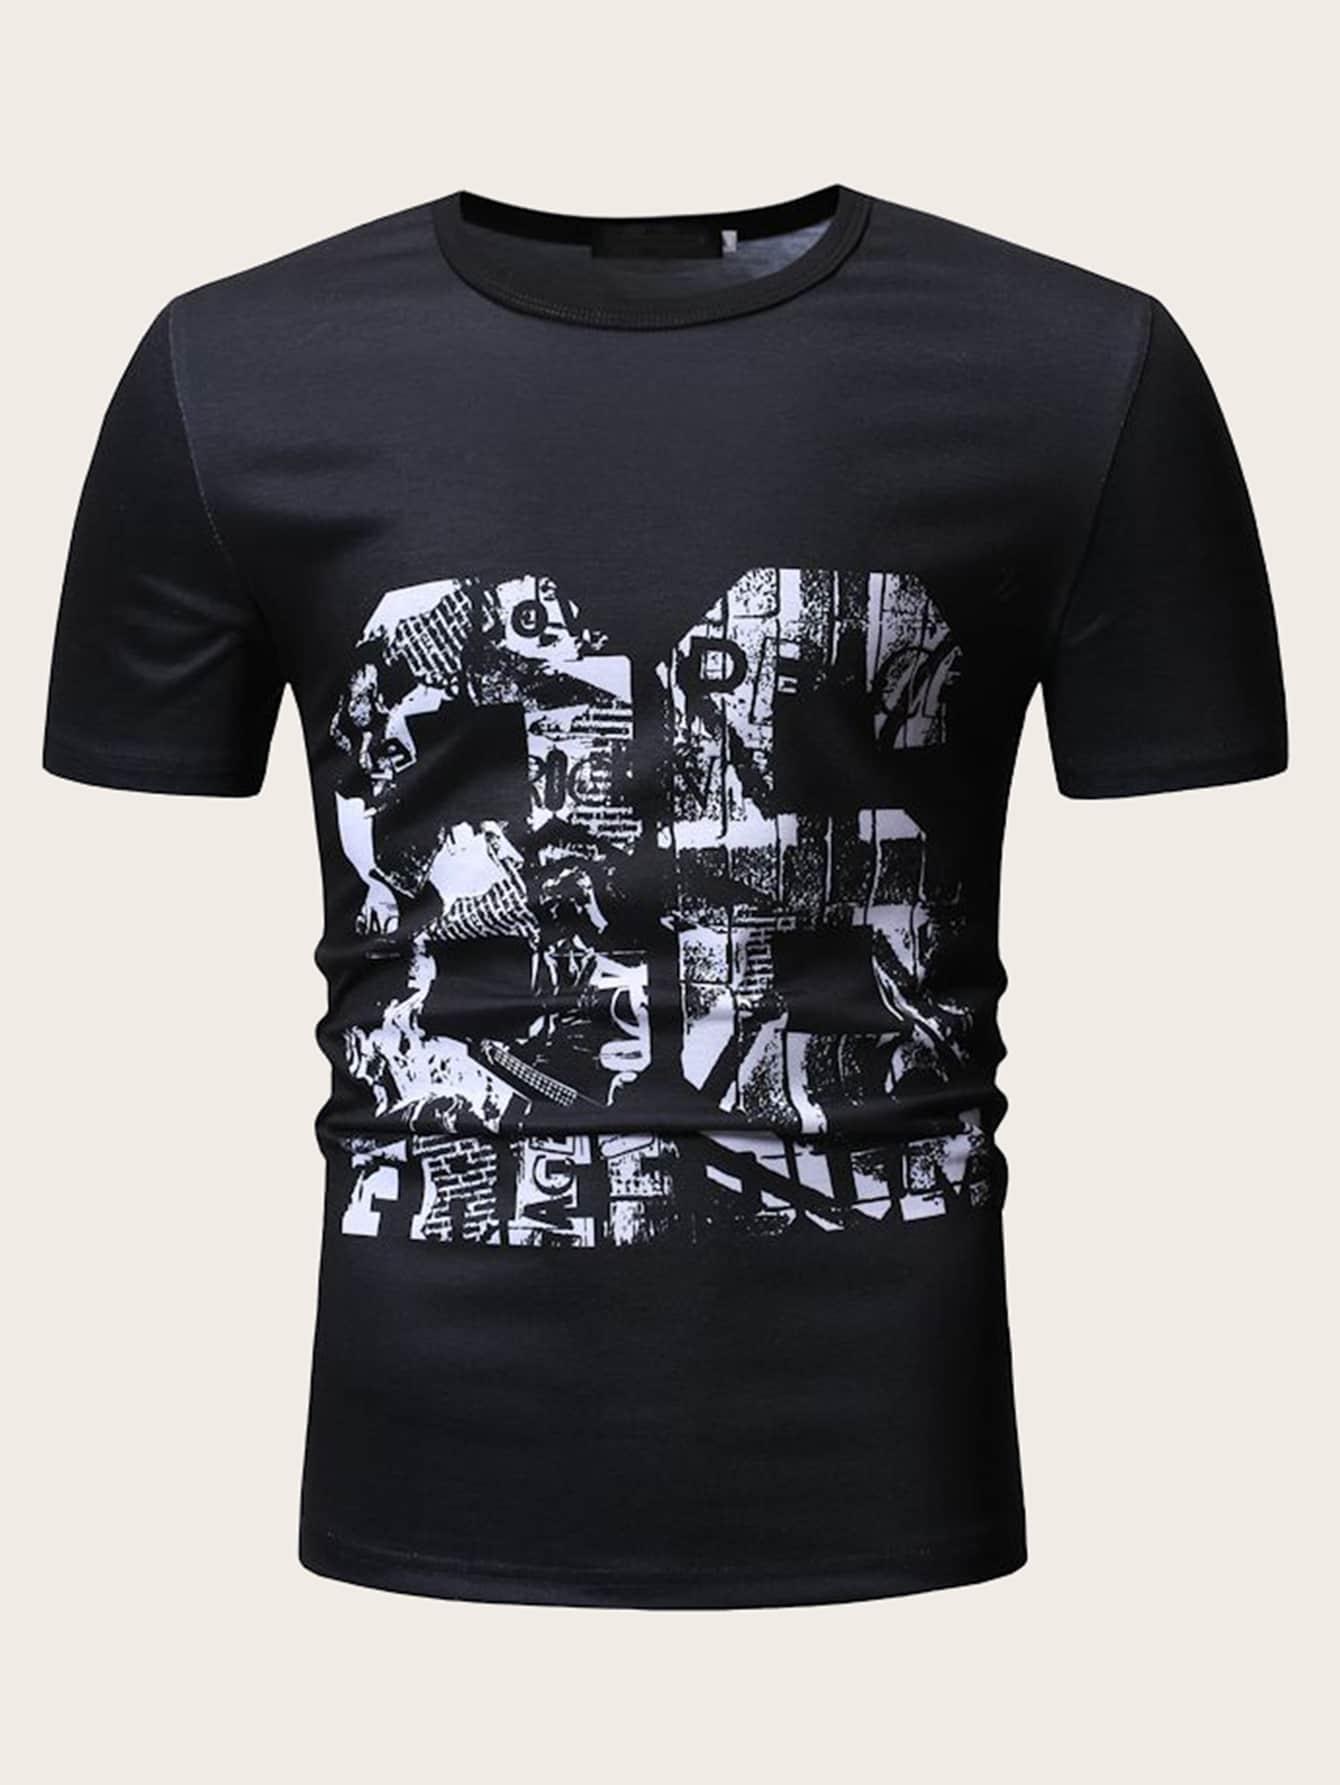 Фото - Мужская футболка с текстовым принтом от SheIn черного цвета